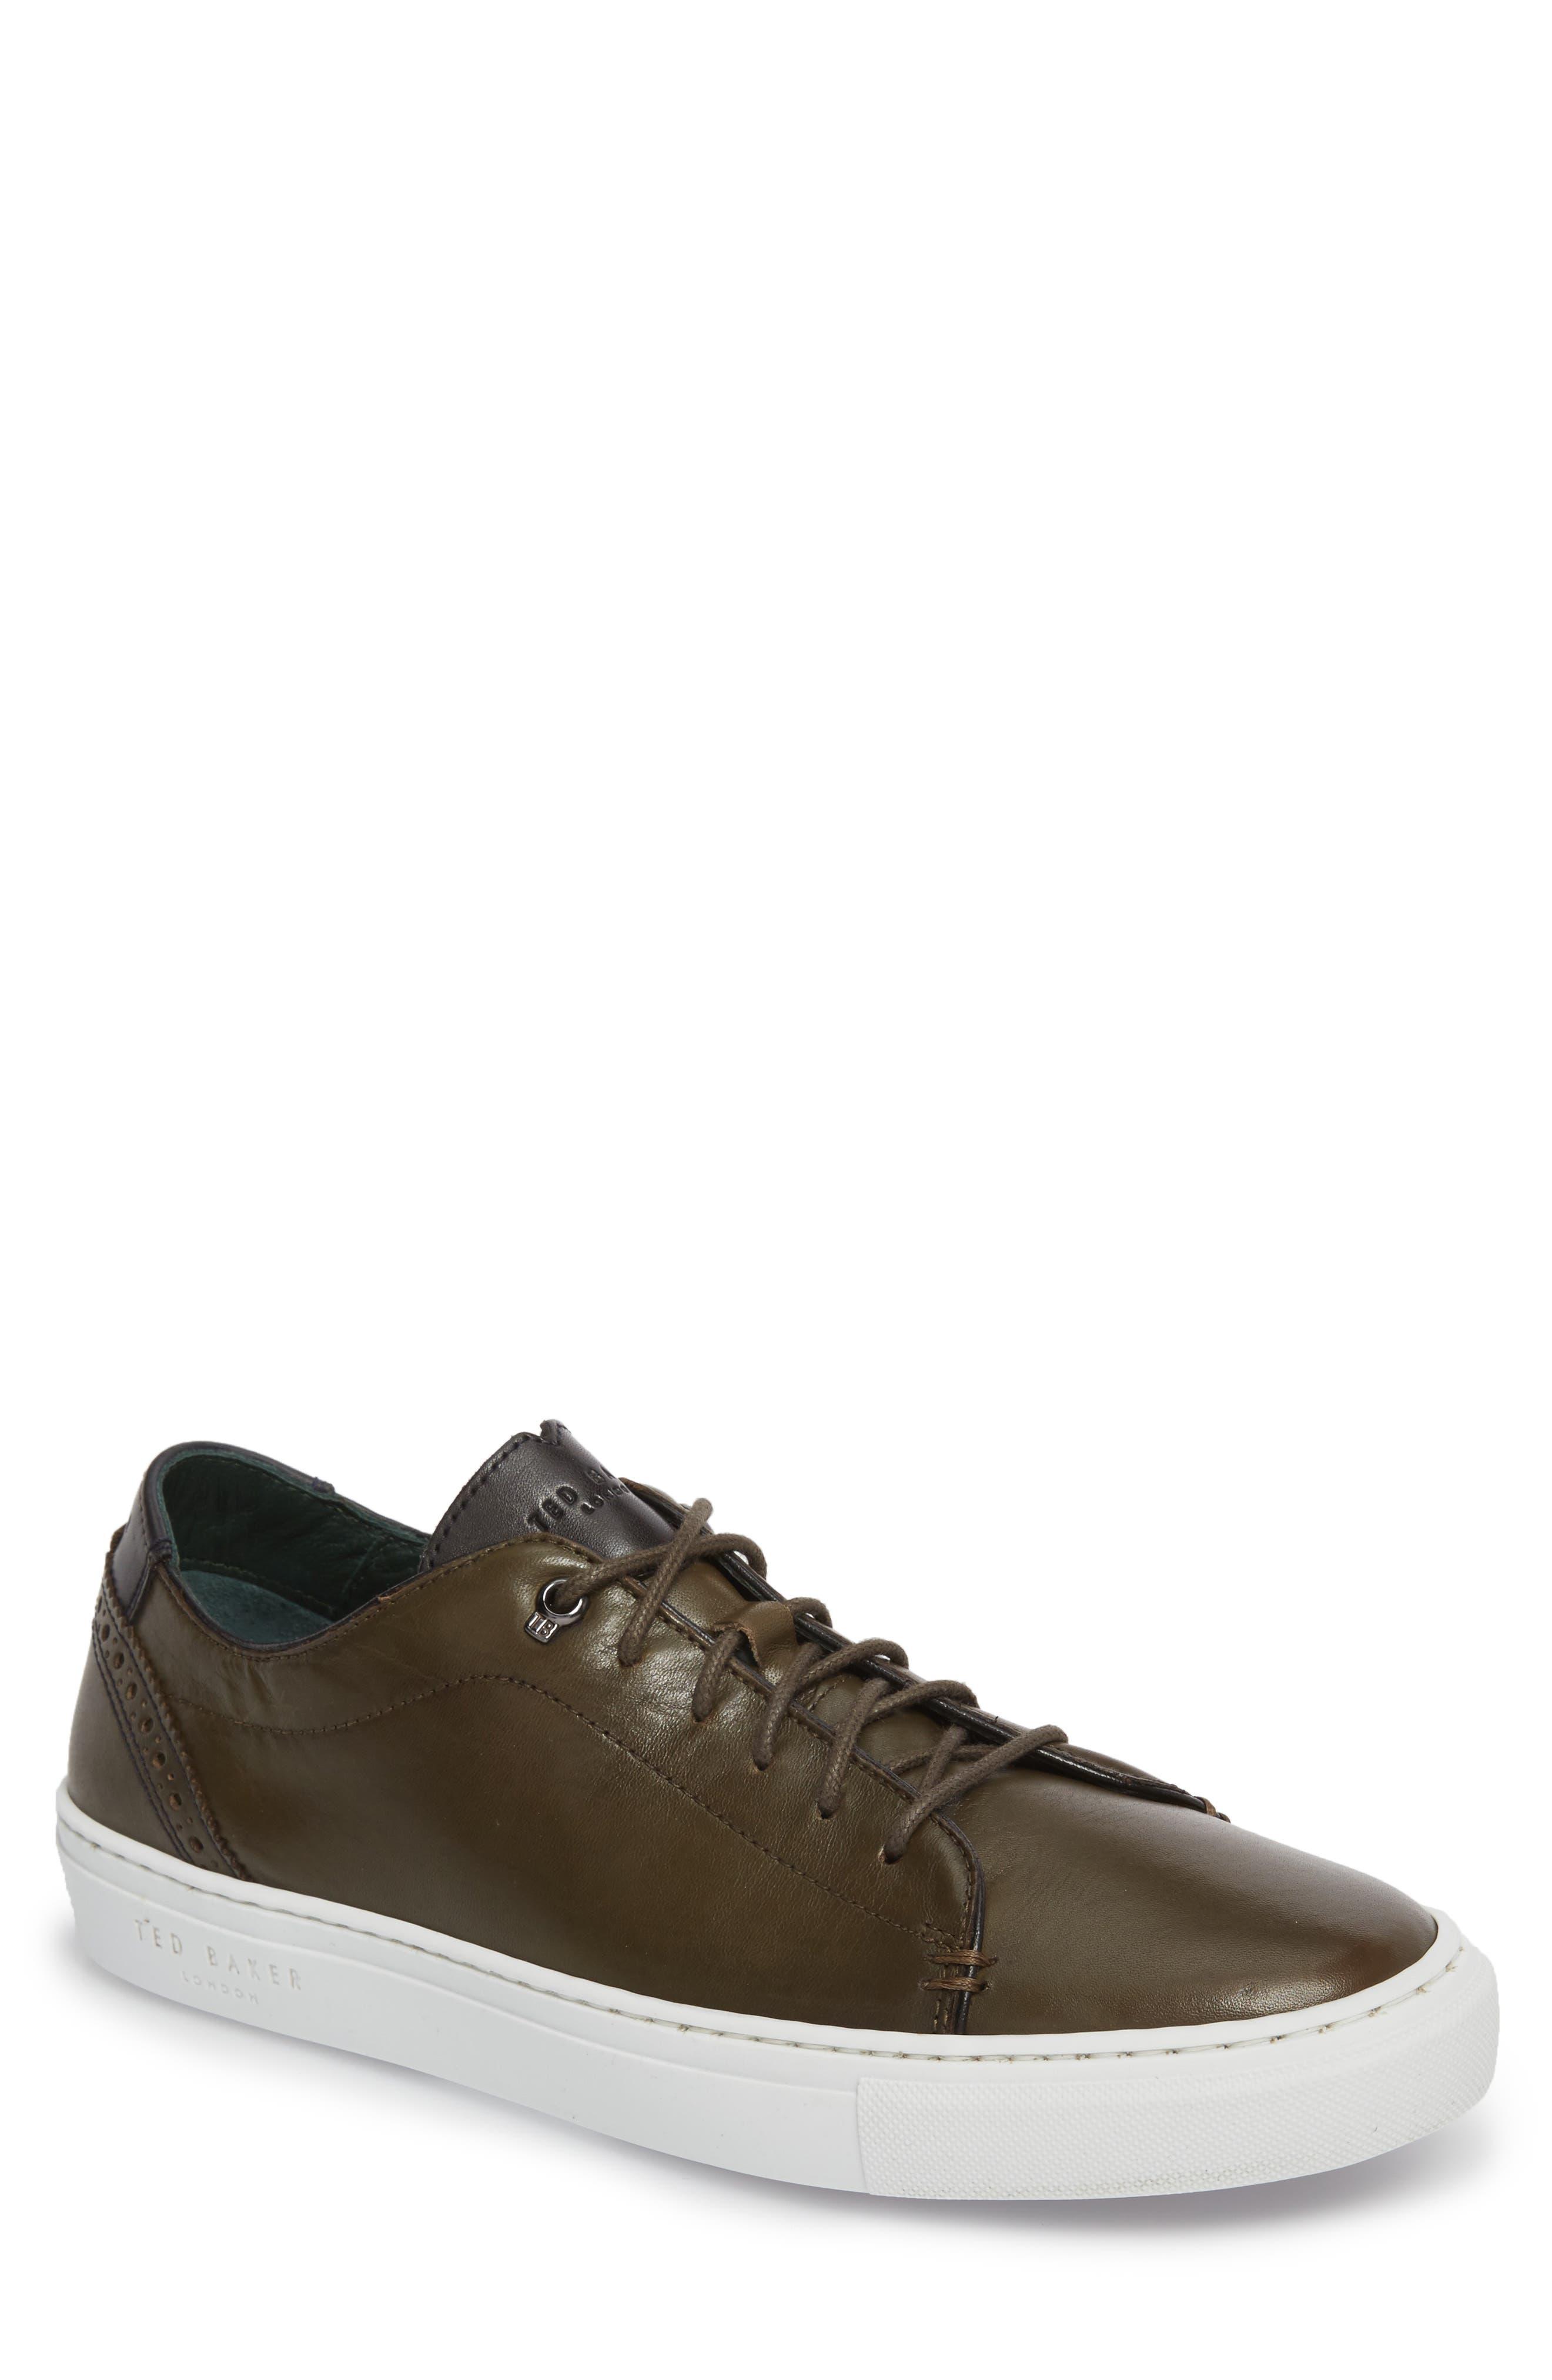 Duuke Sneaker,                         Main,                         color, 305